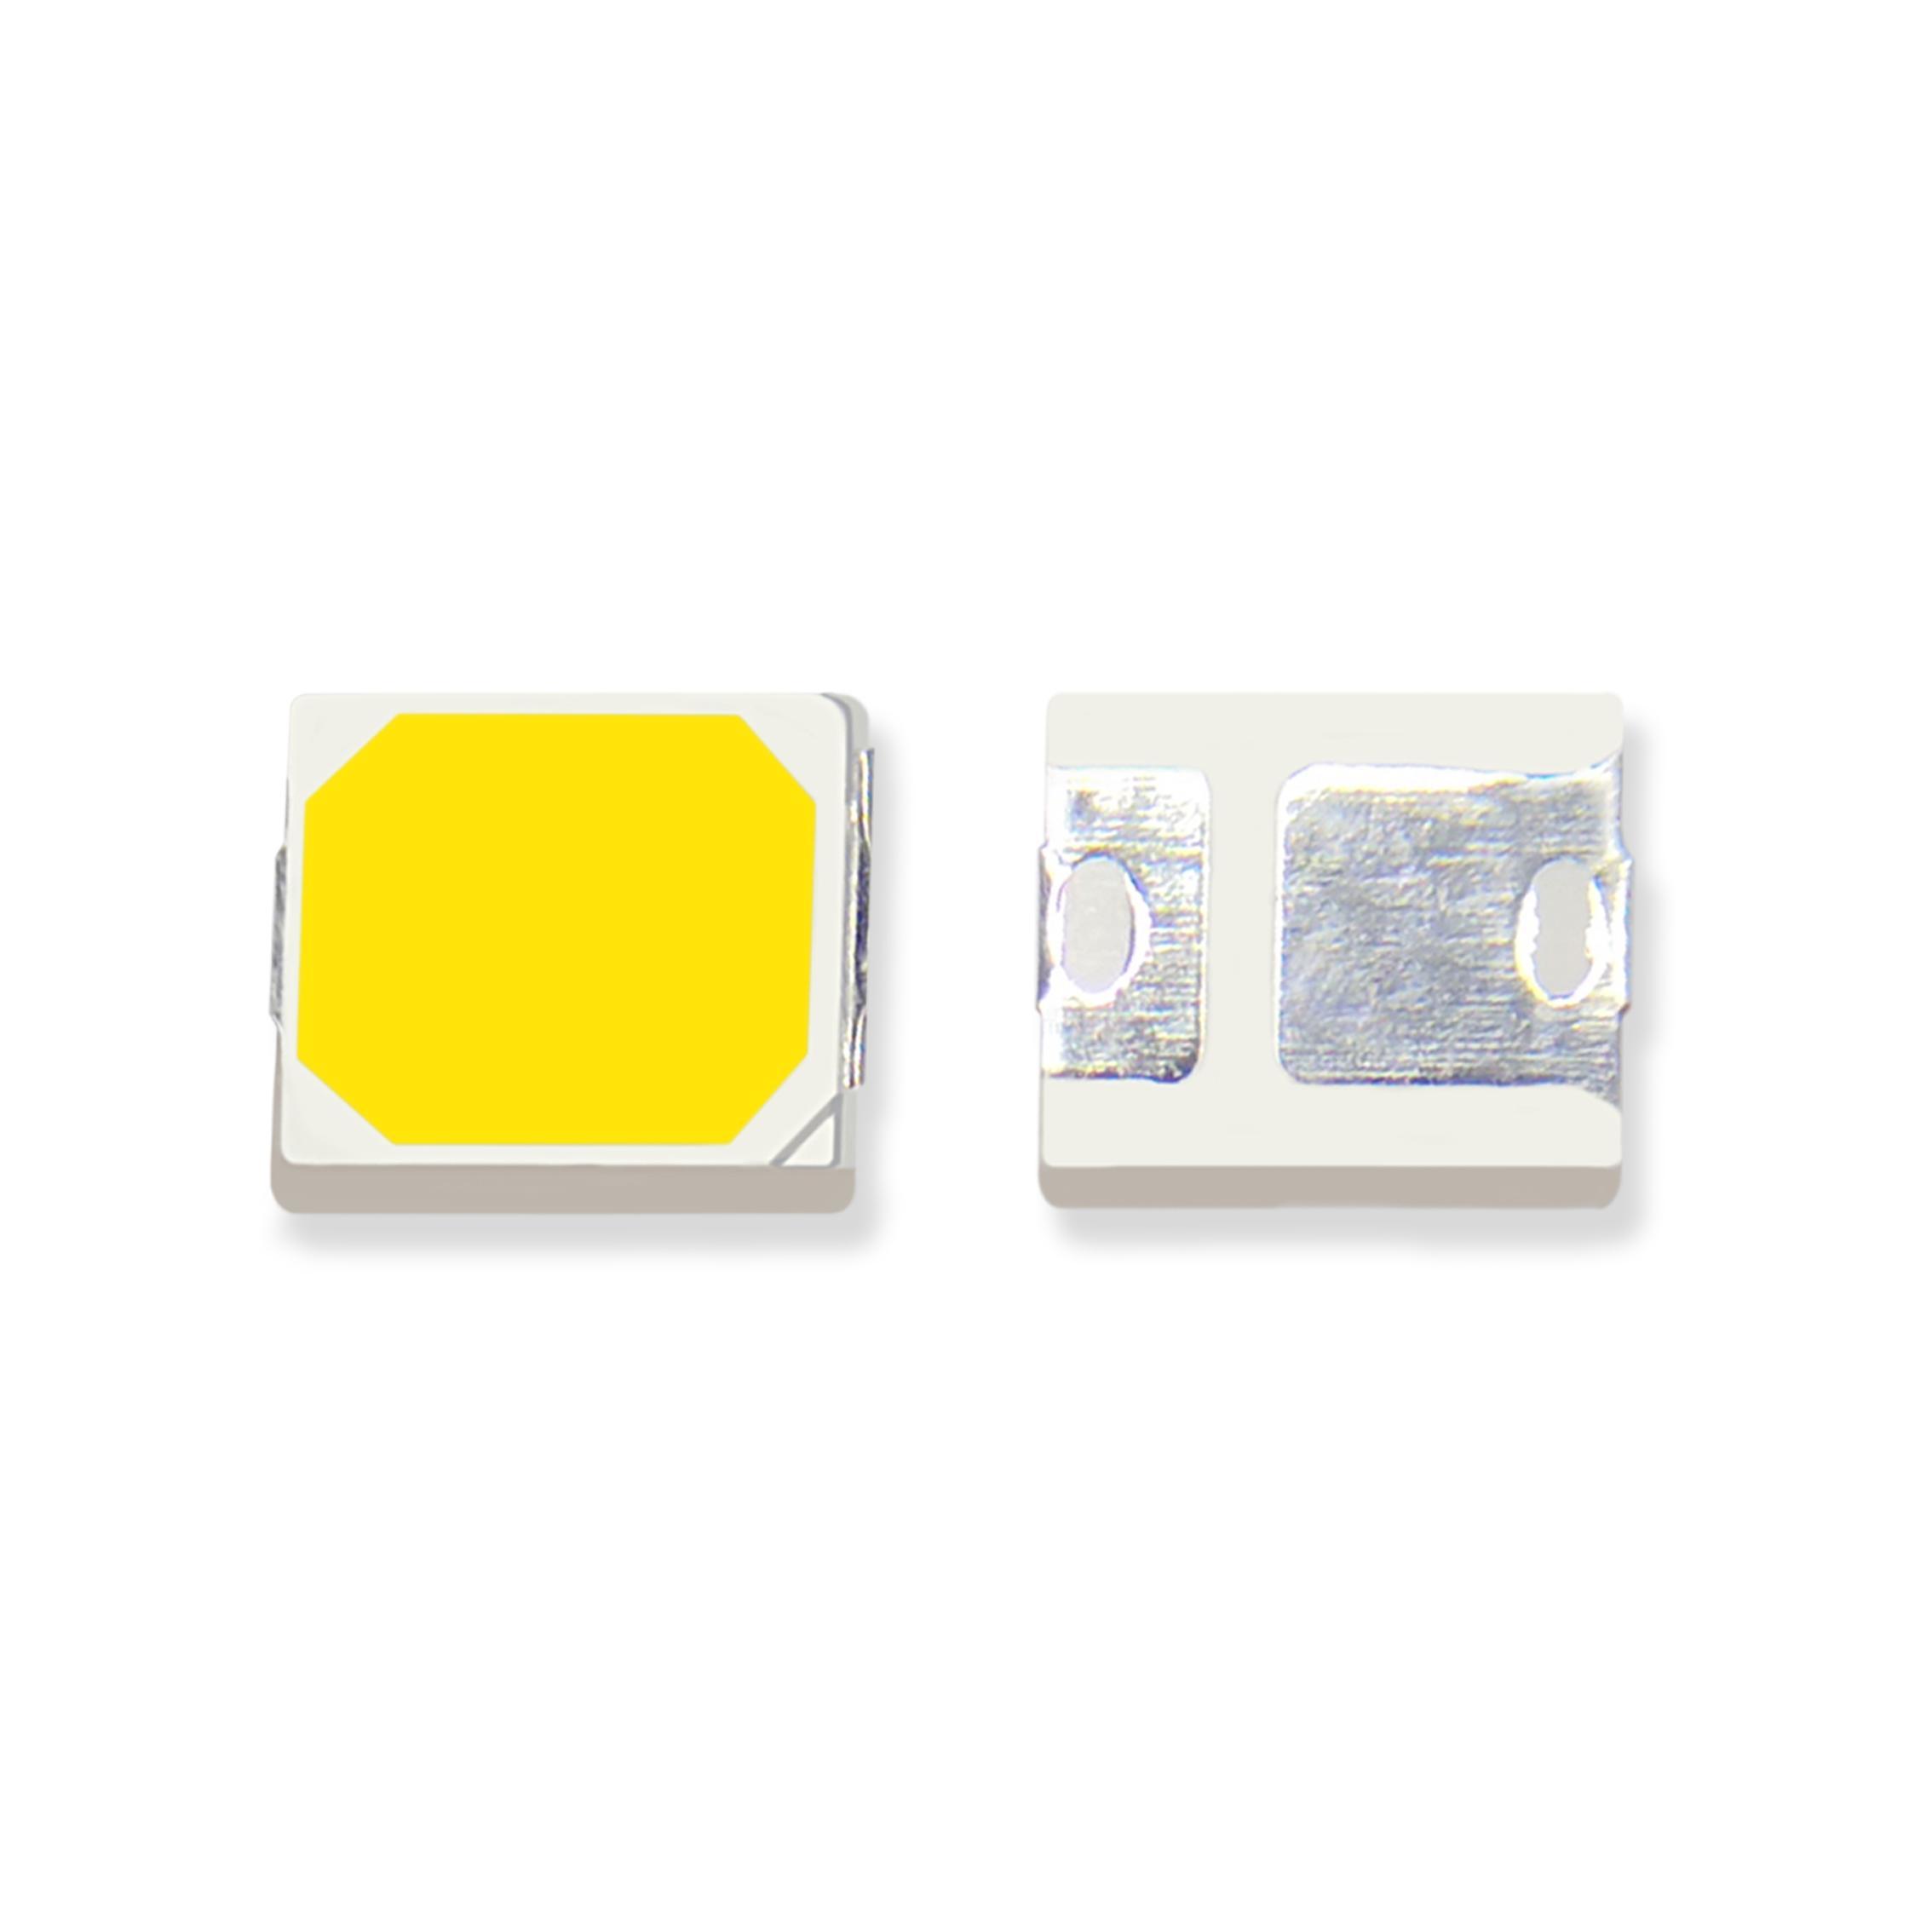 4000pcs / барабанный SMD2835 LED шарики одного цвета, красный цвета для Смотревших, светодиодных цветов могут быть настроены